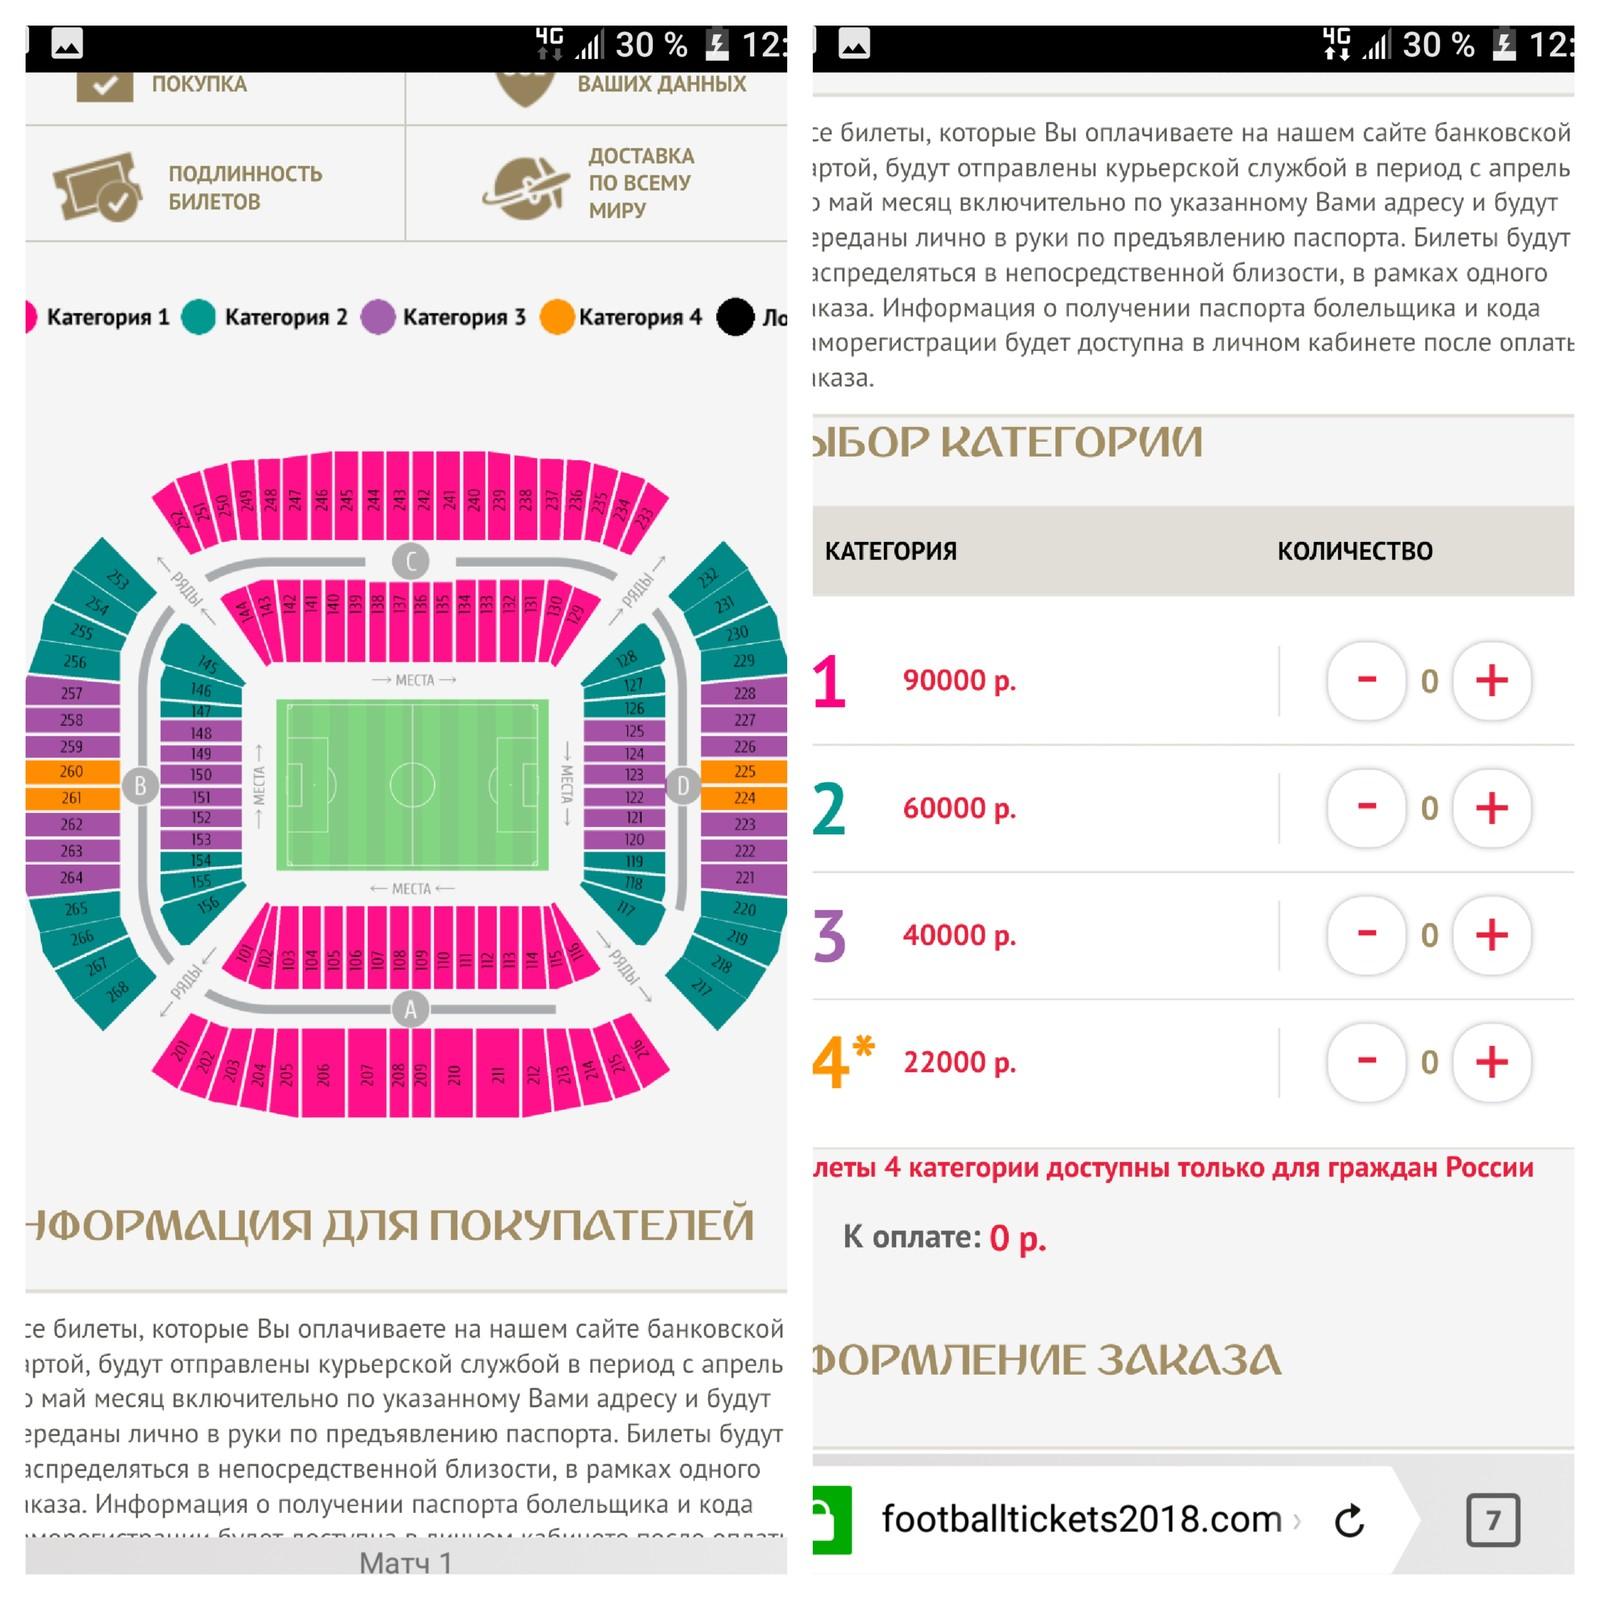 билеты на финал чм по футболу 2014 цена